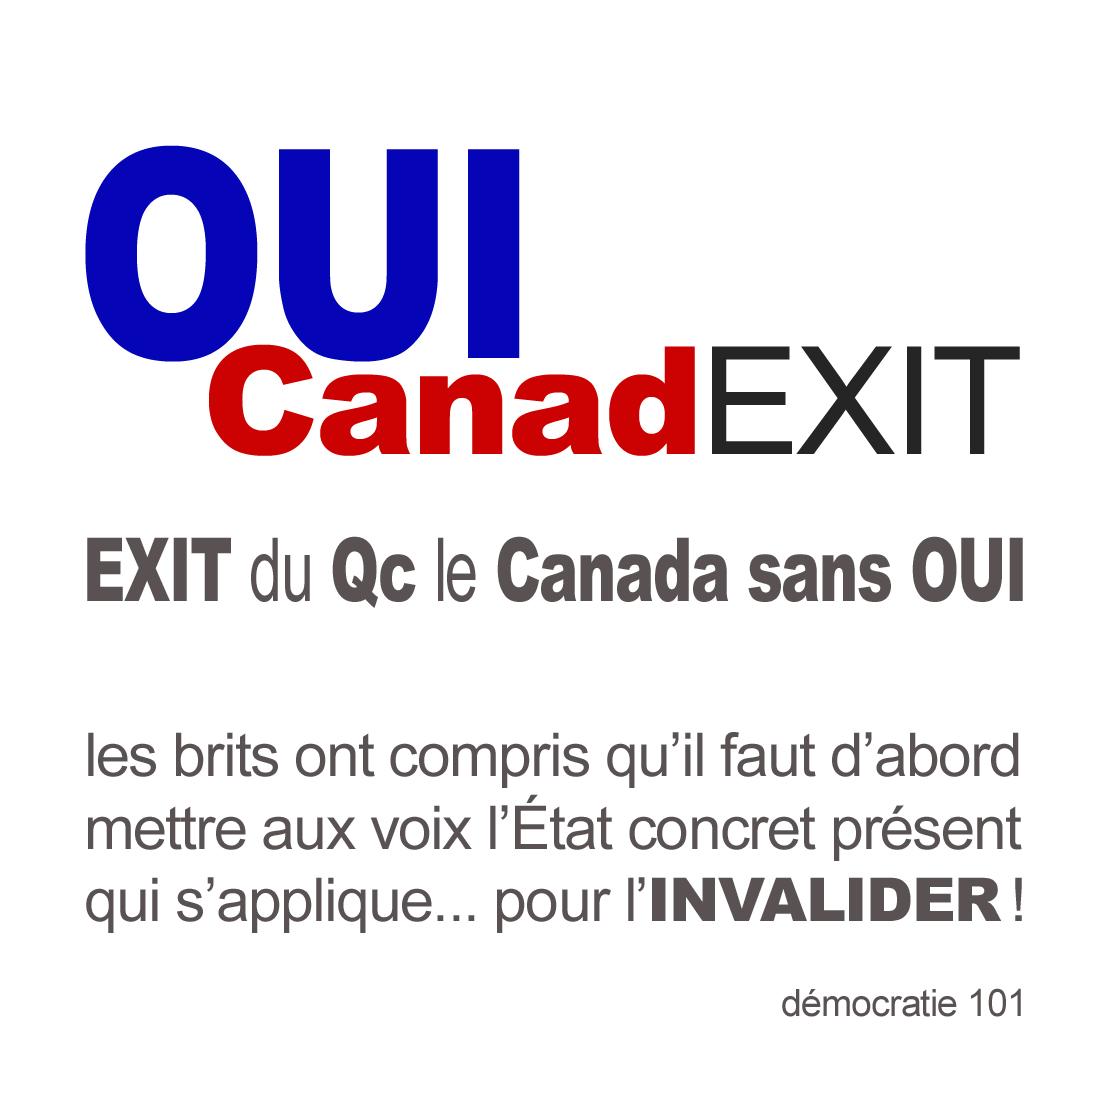 0-CanadEXIT-01